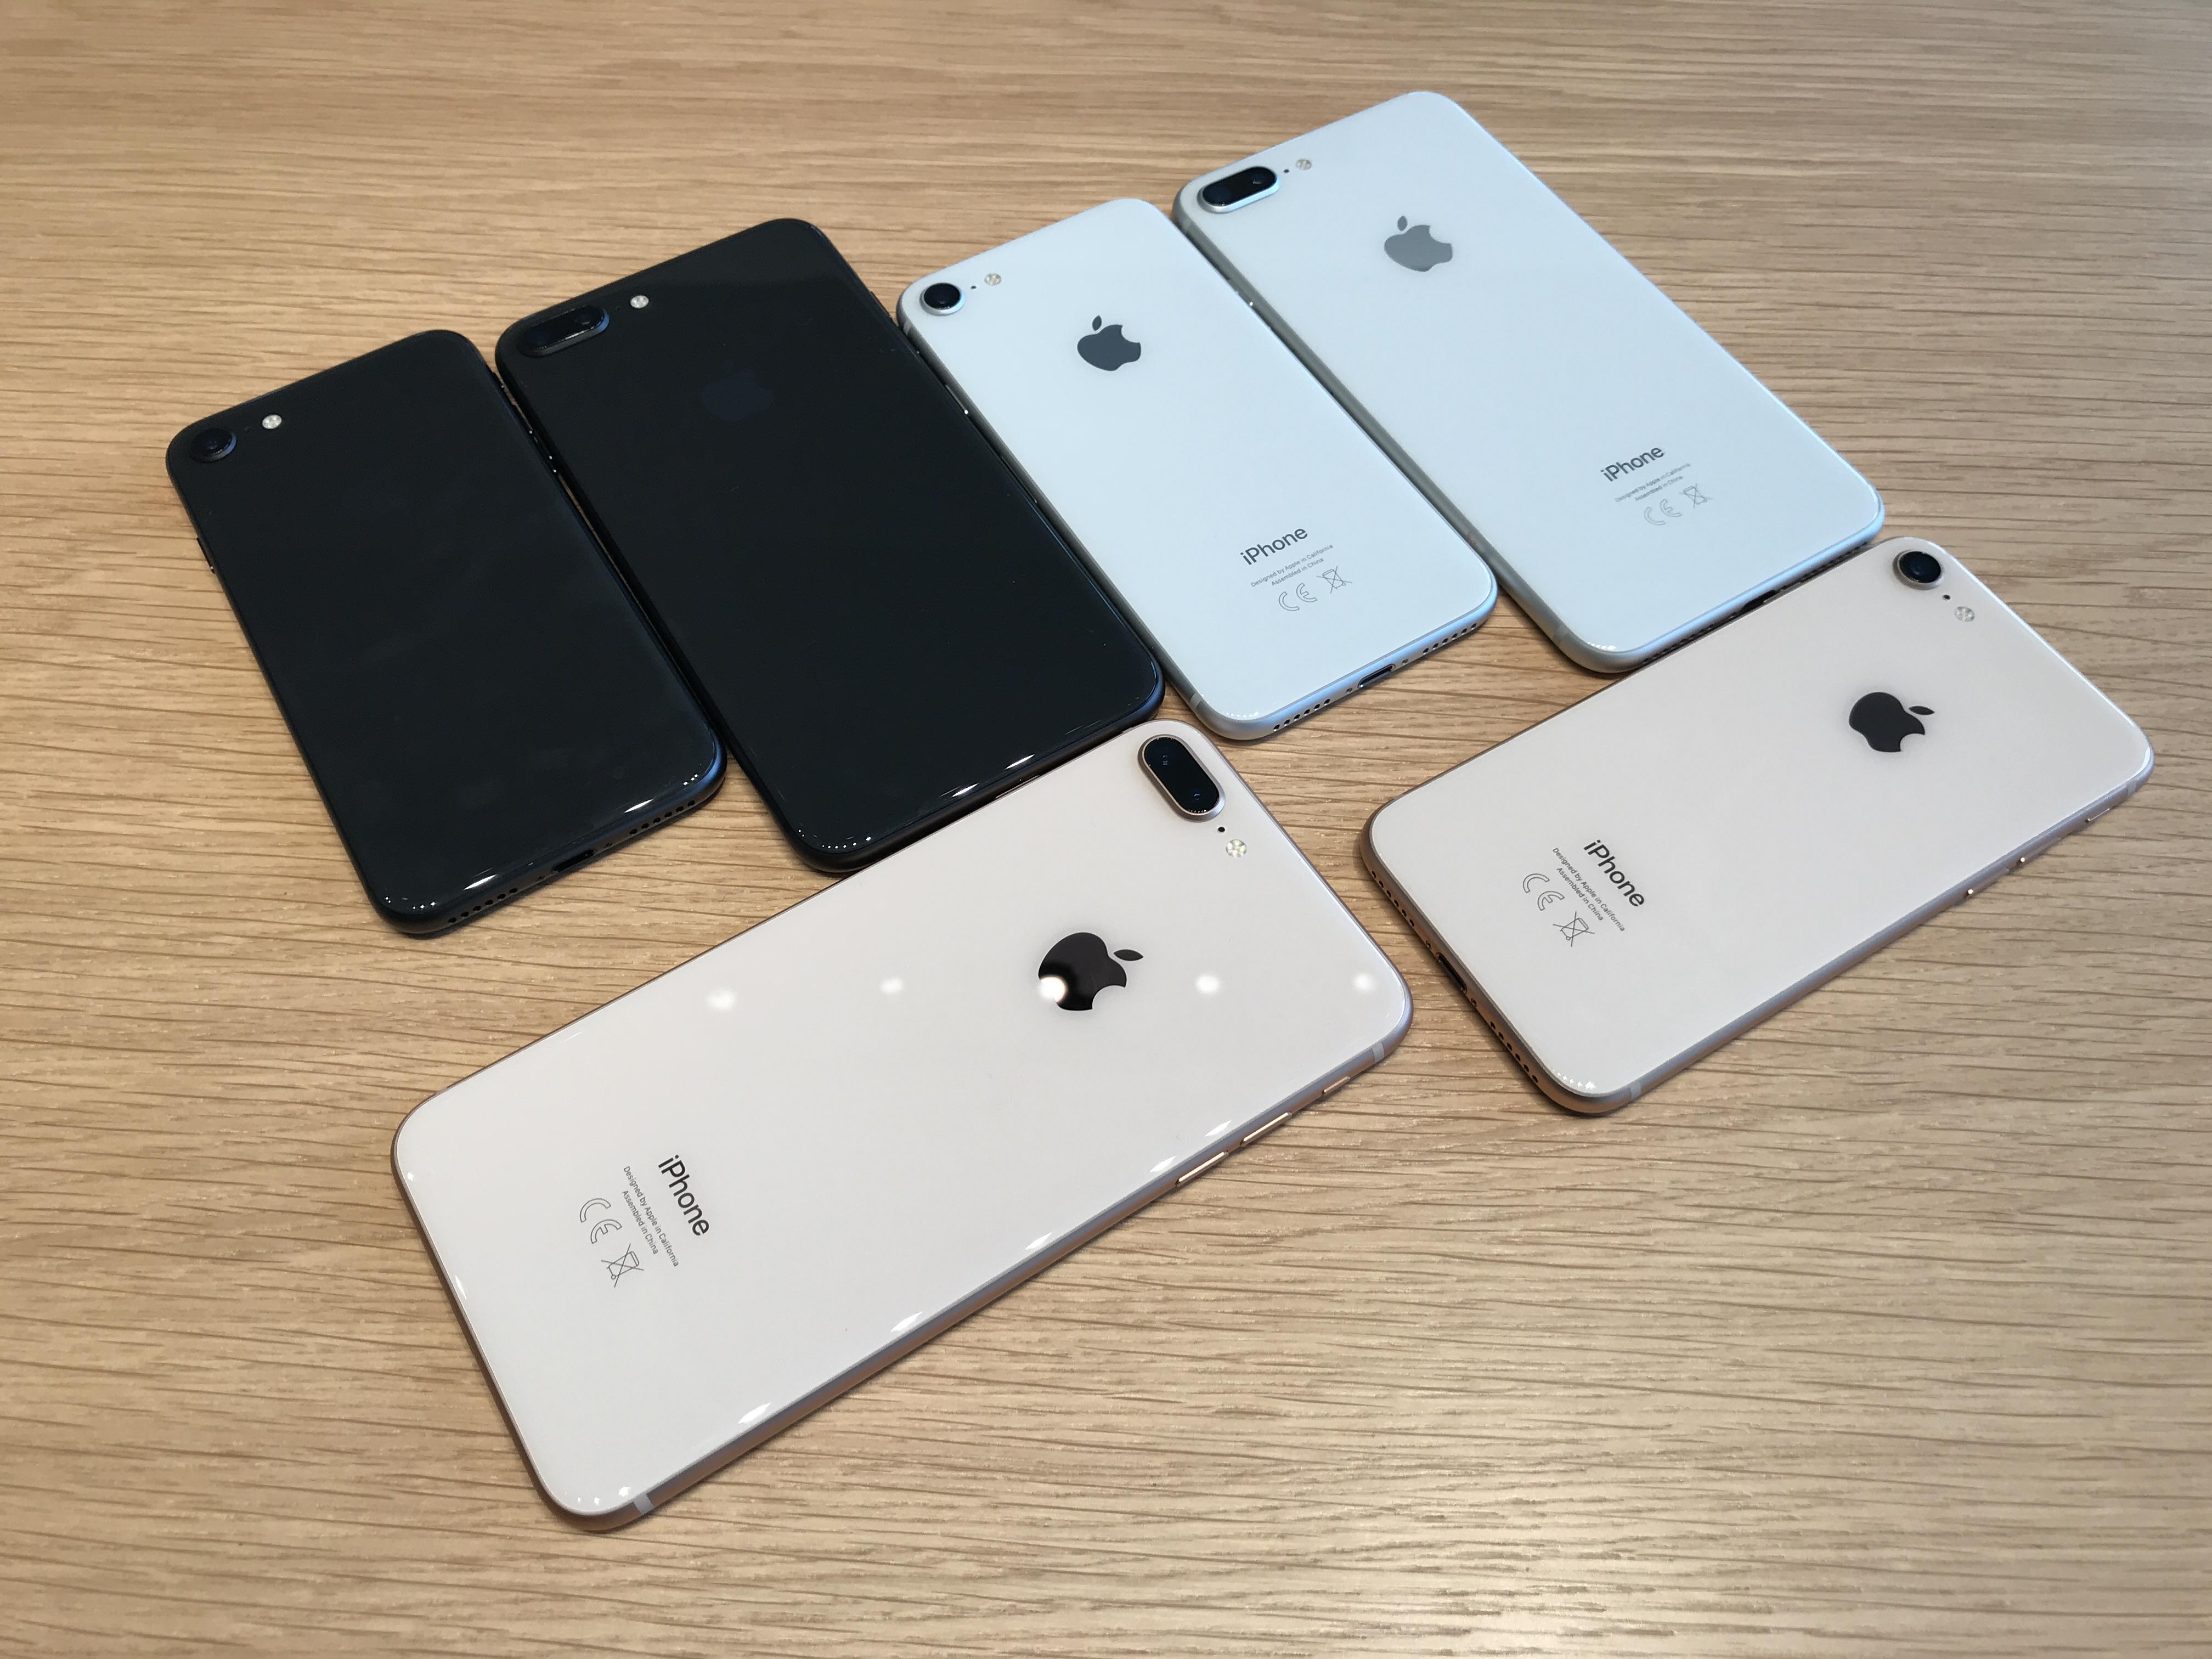 iphone 8 plus et apple watch series 3 prise en main et. Black Bedroom Furniture Sets. Home Design Ideas